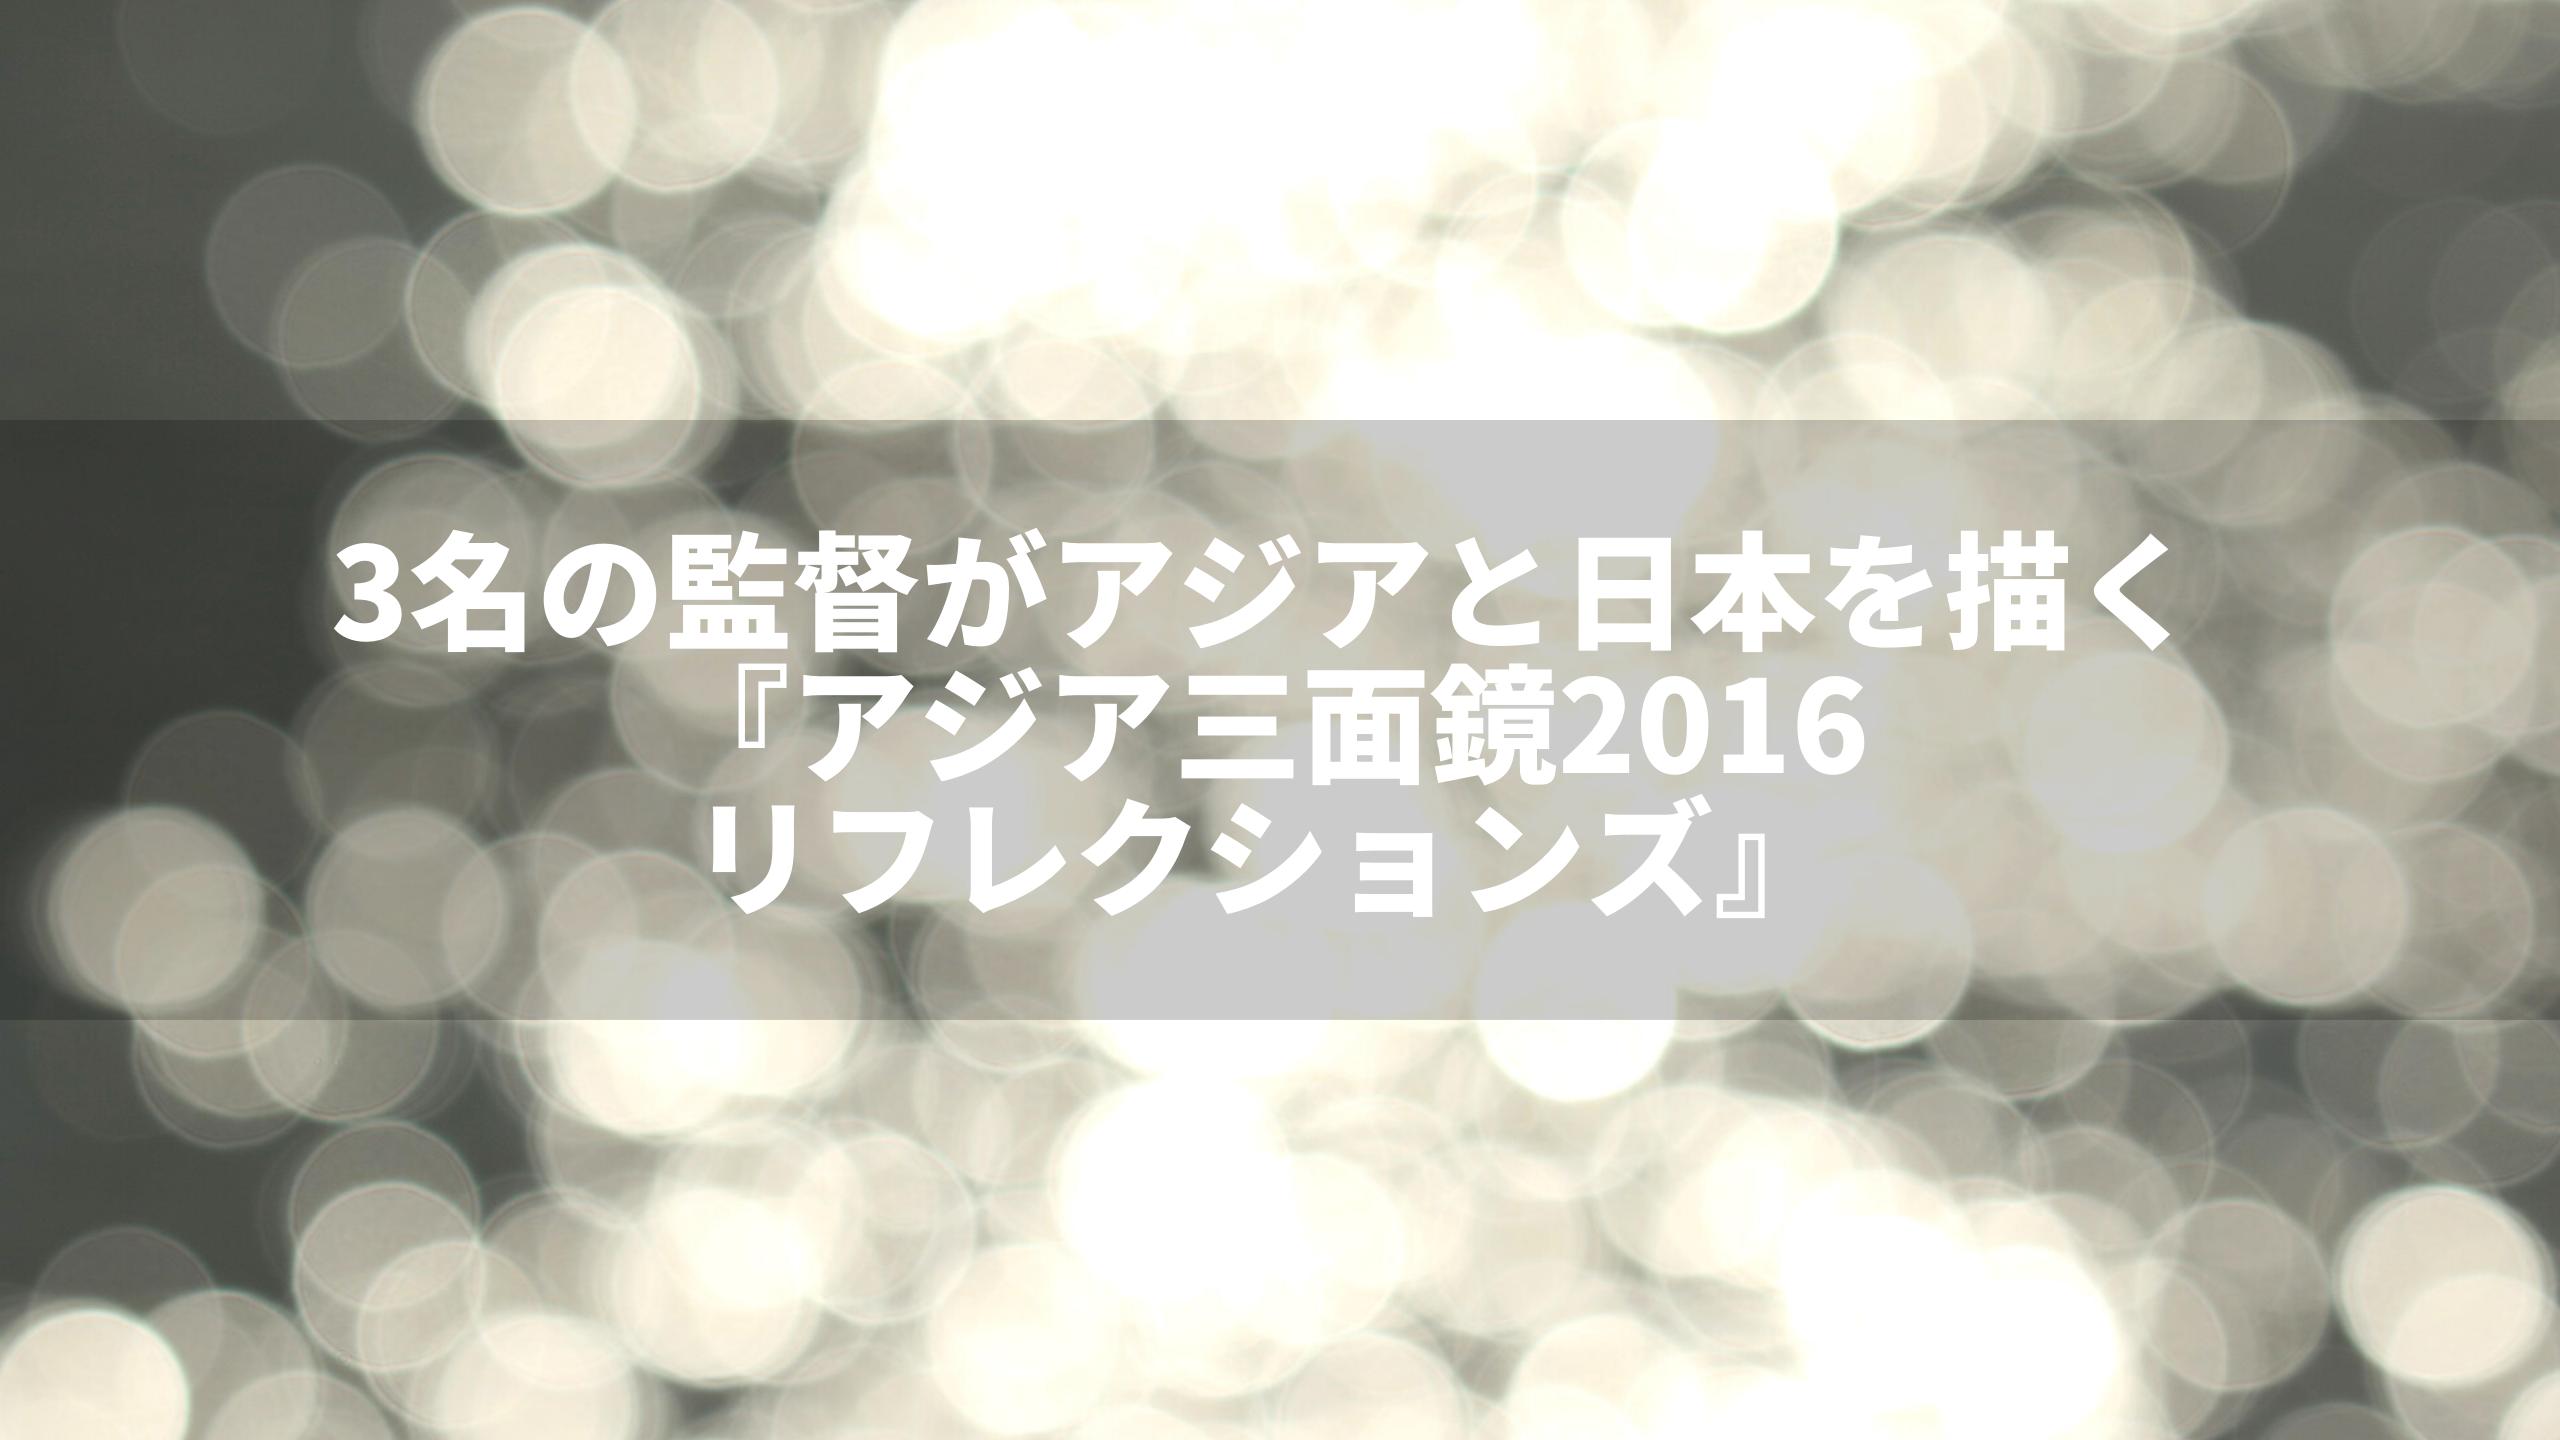 アジア三面鏡2016:リフレクションズ